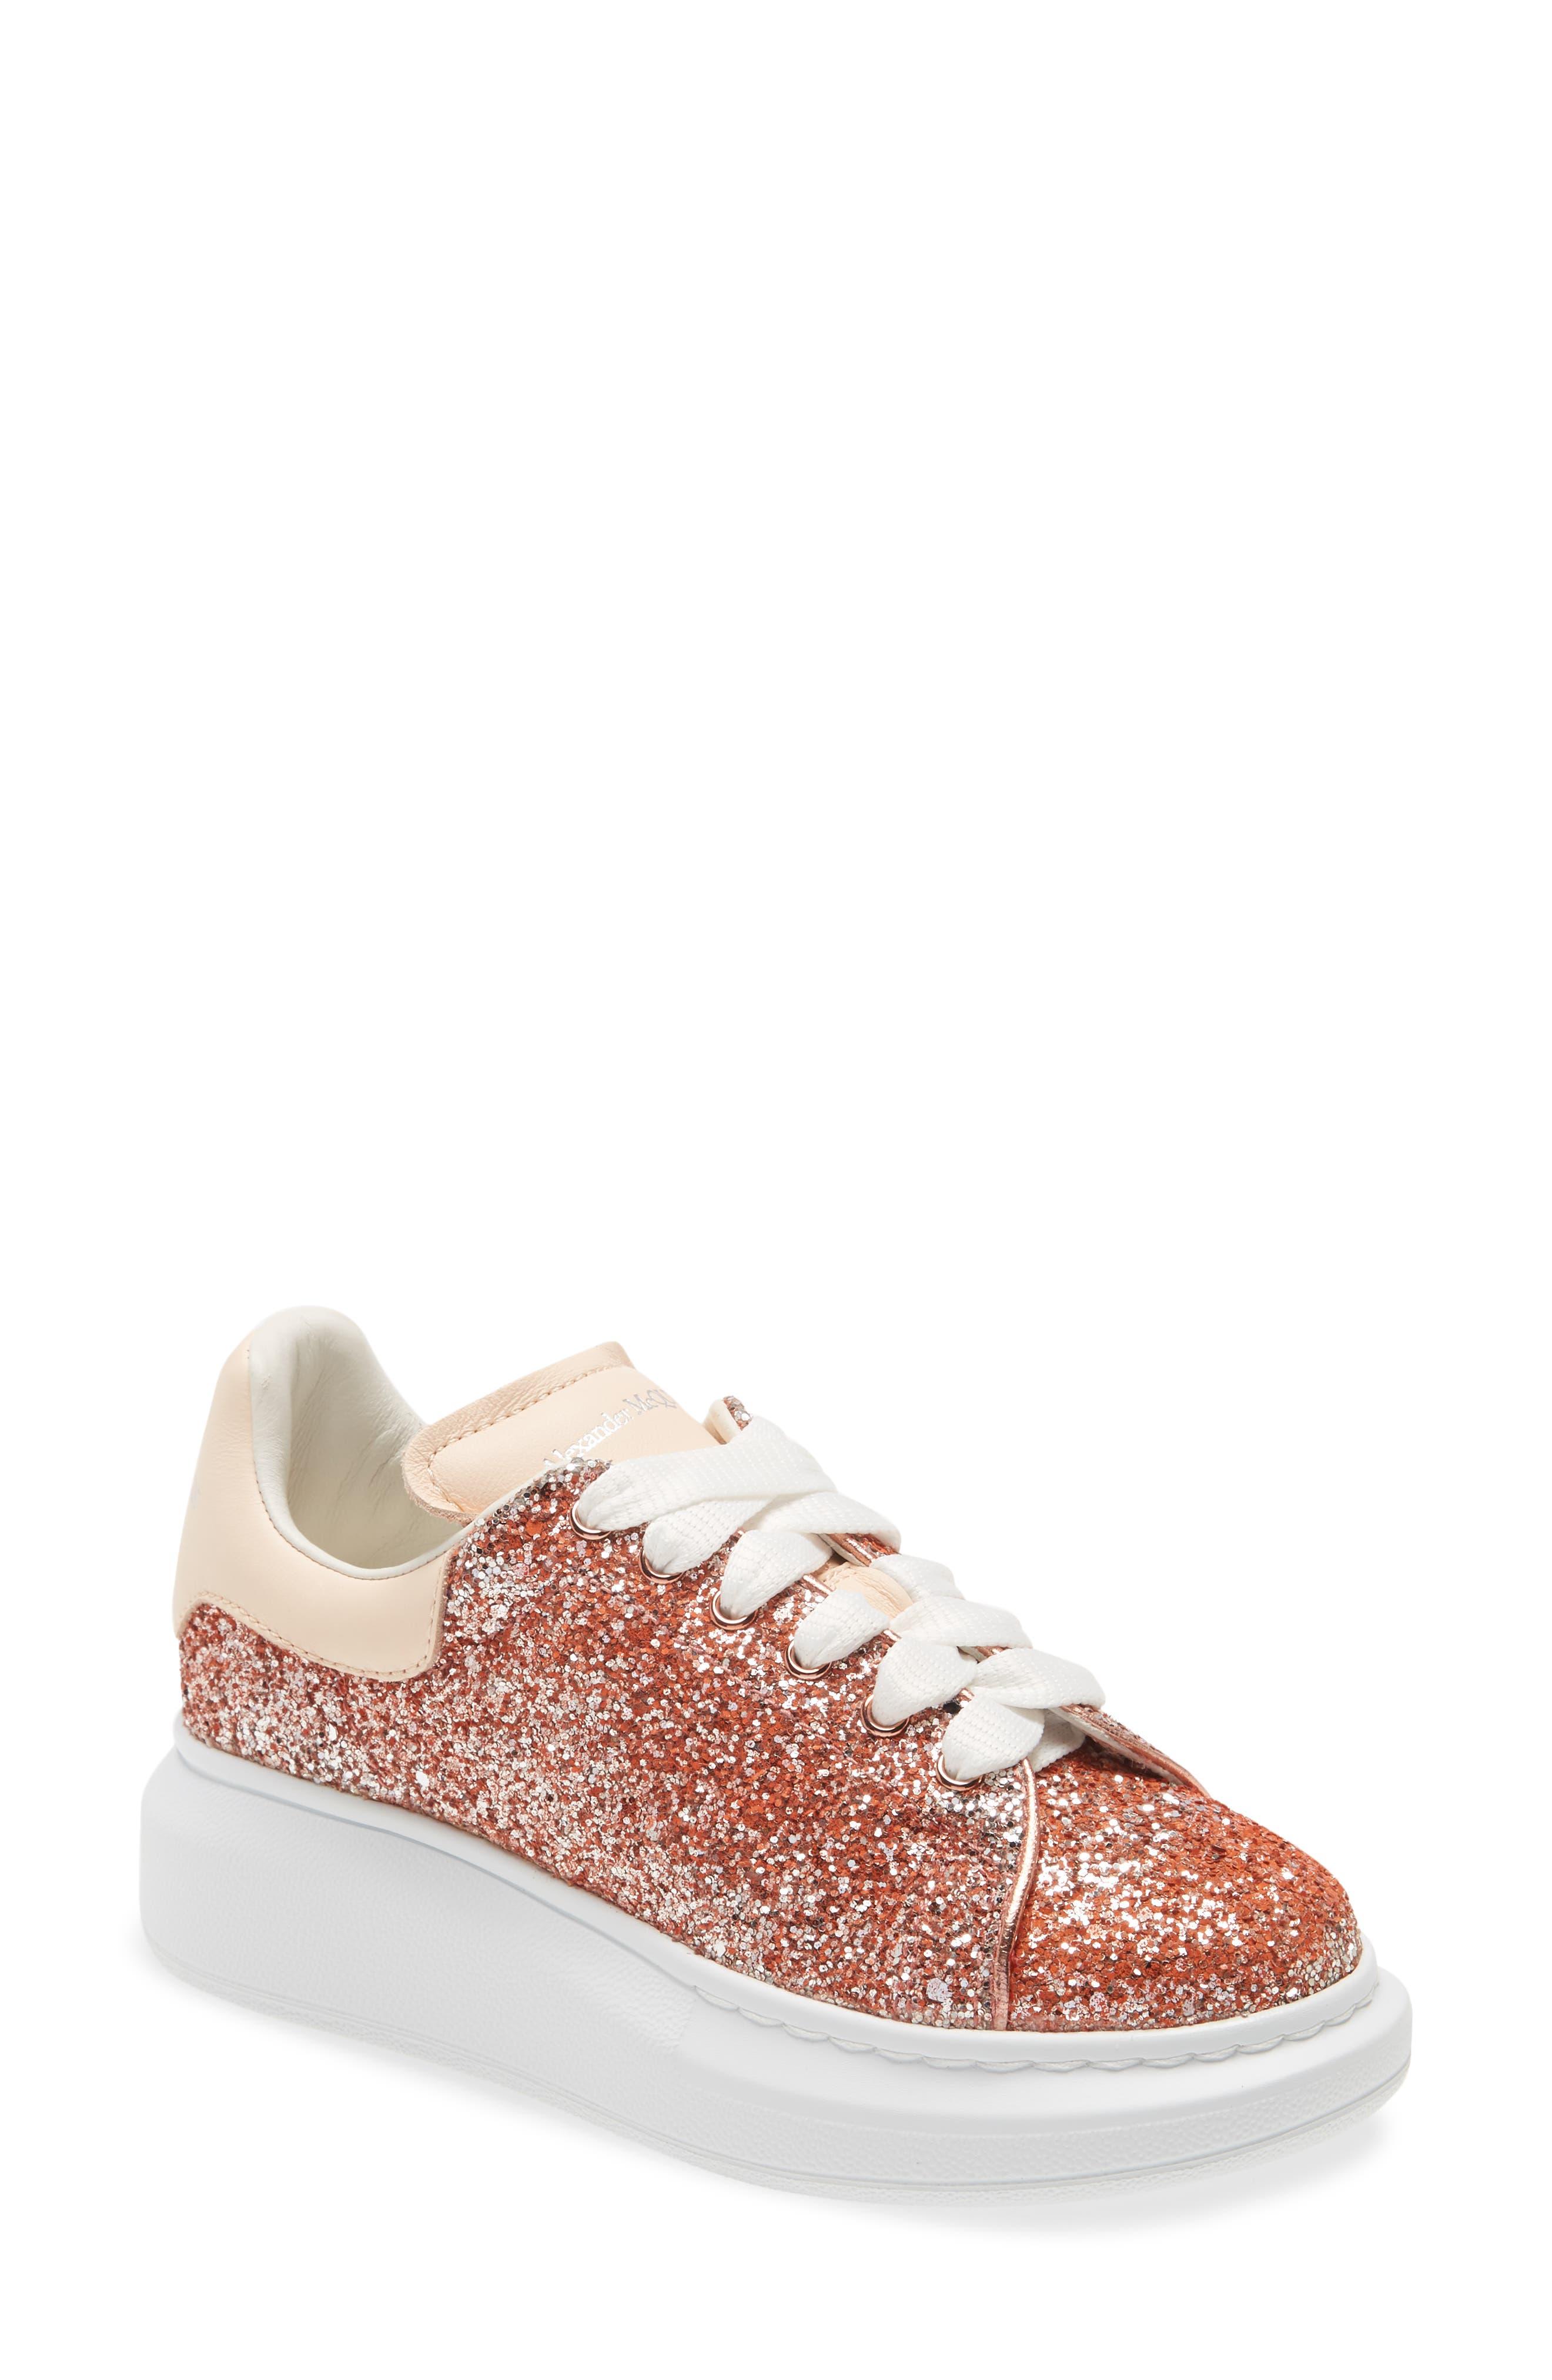 Kids' Alexander McQueen Shoes | Nordstrom